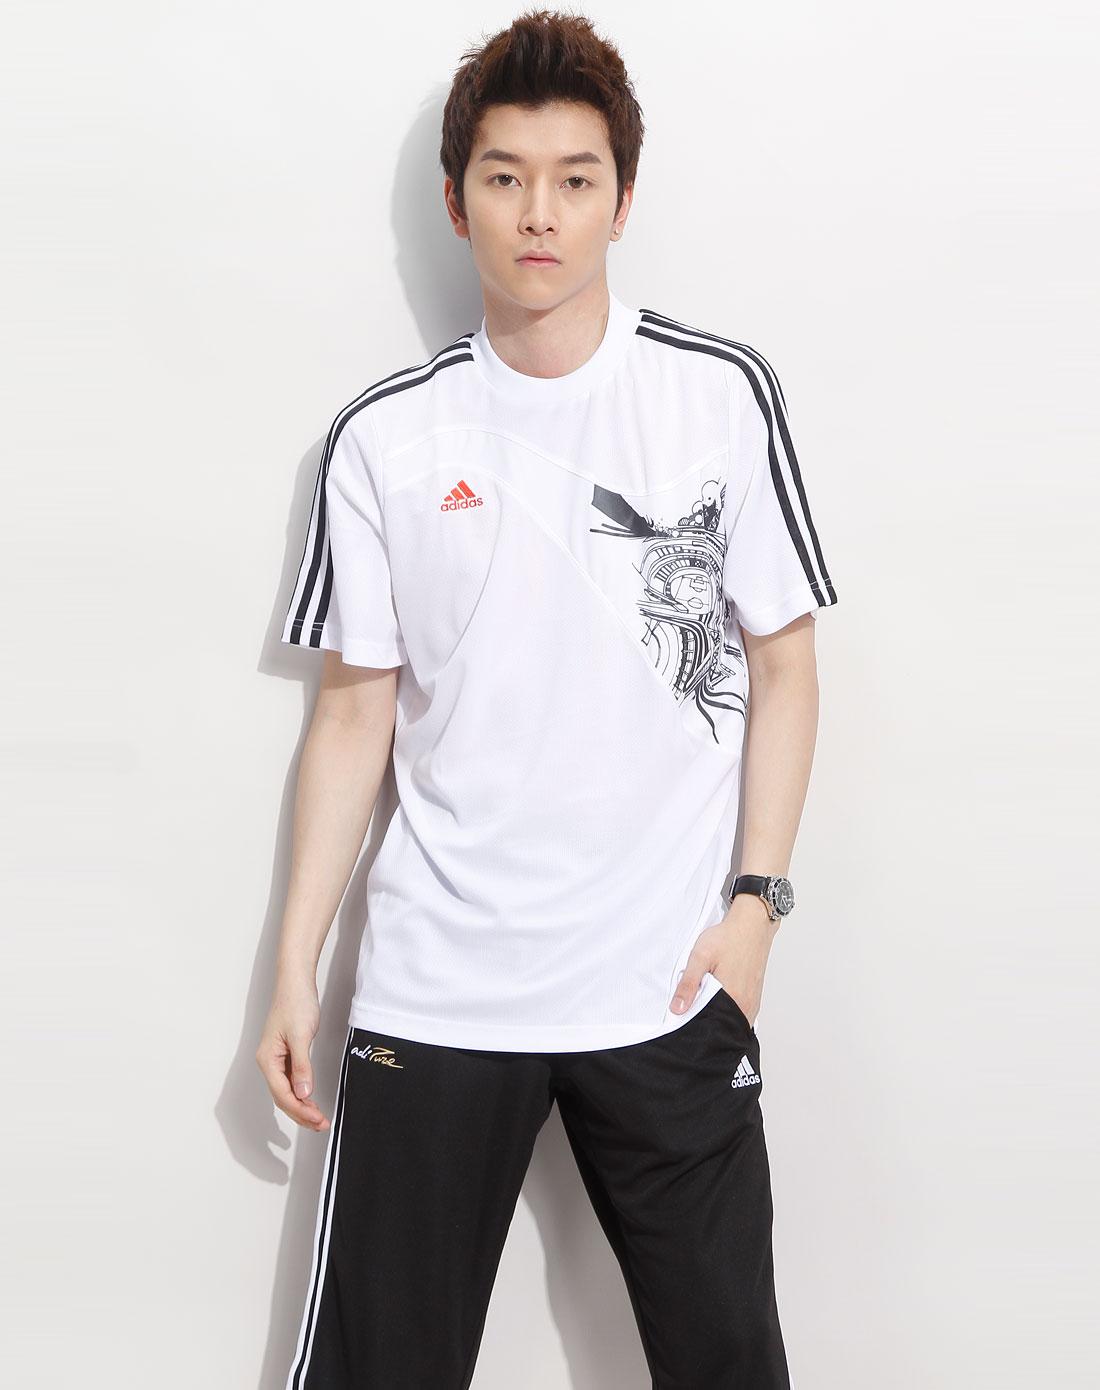 白色足球短袖t恤